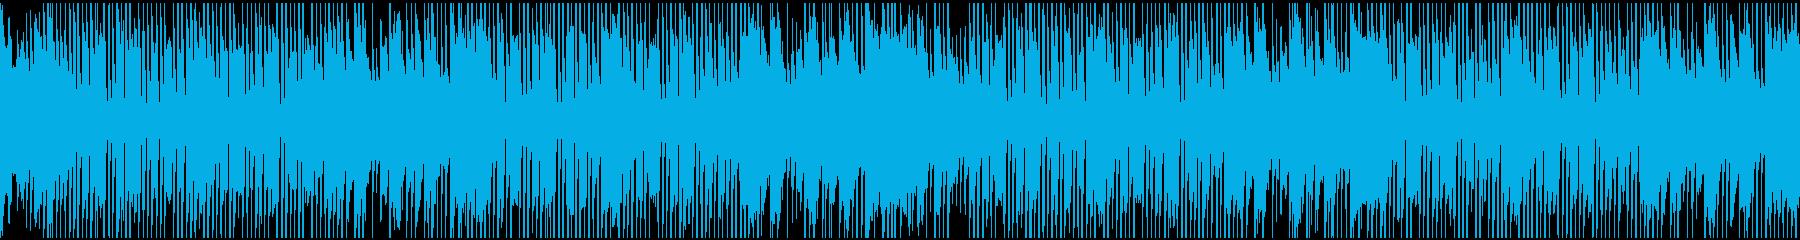 可愛い明るめのホーンのBGM(ループ)の再生済みの波形